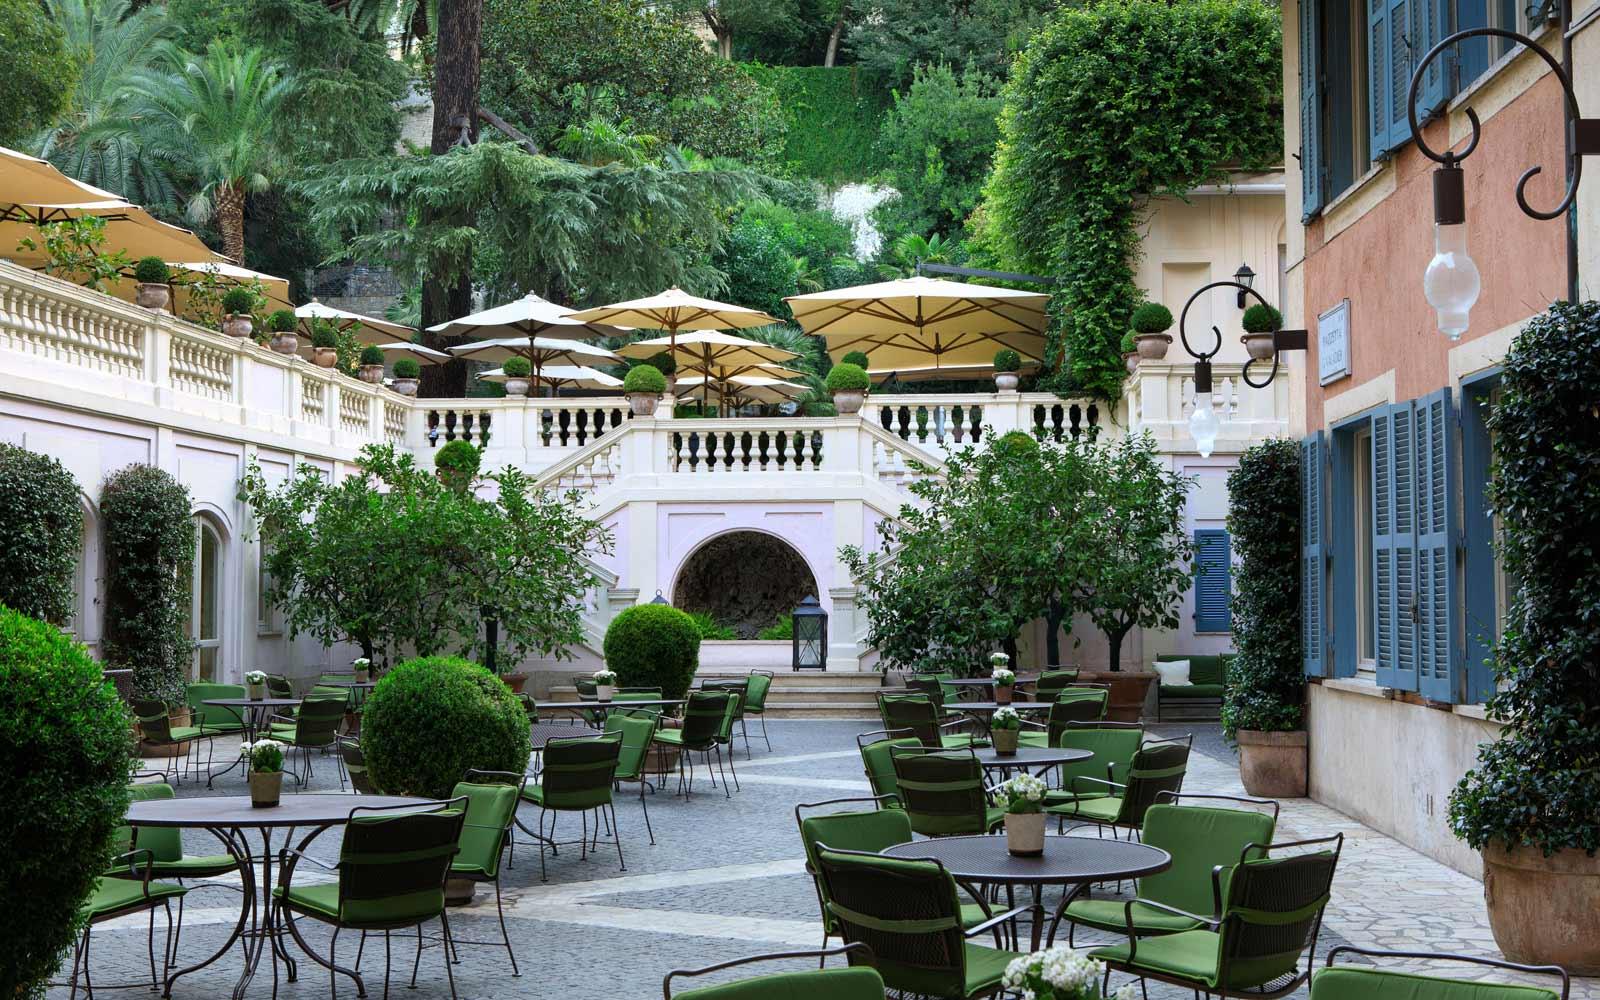 Hotel de Russie Piazzetta Valadier